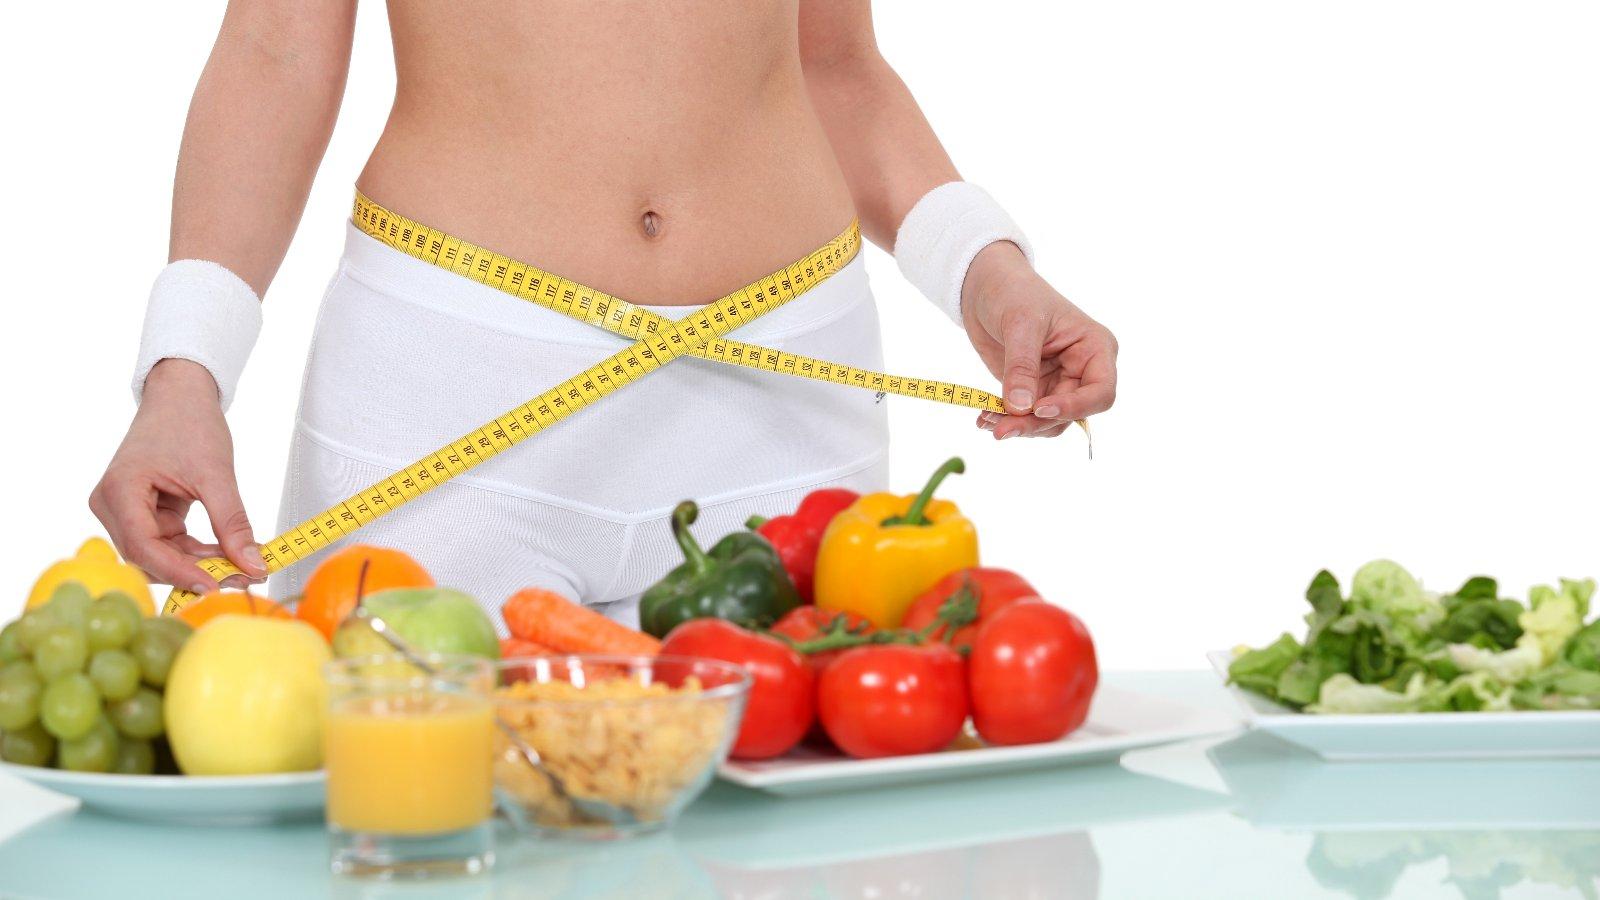 Настоящая Диета Похудеть. 10 эффективных диет для быстрого похудения: времени нет, а выбор — есть!